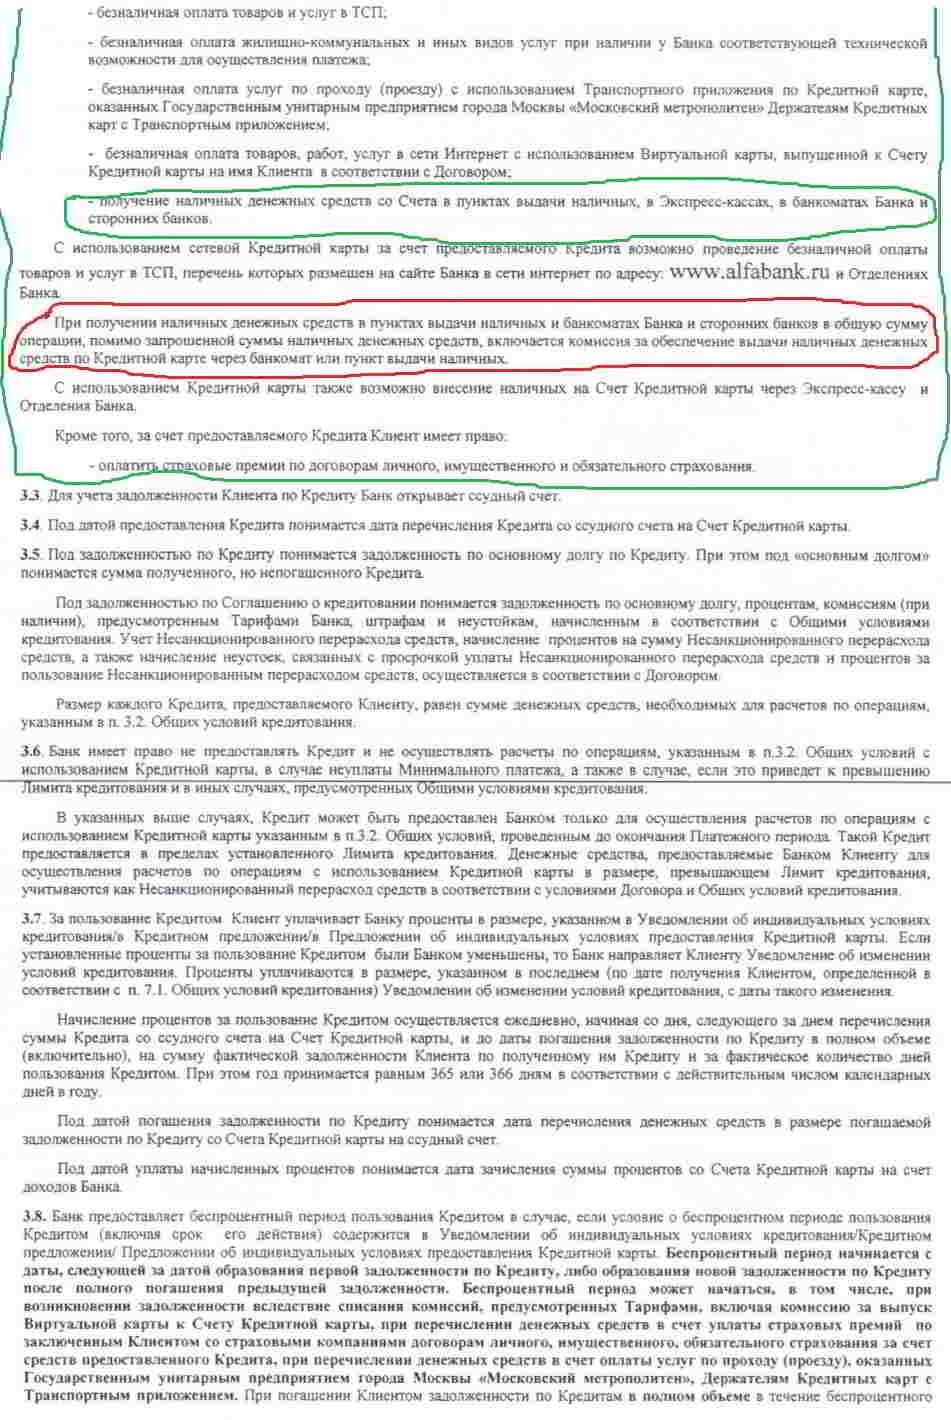 кредитный договор альфа банк образец